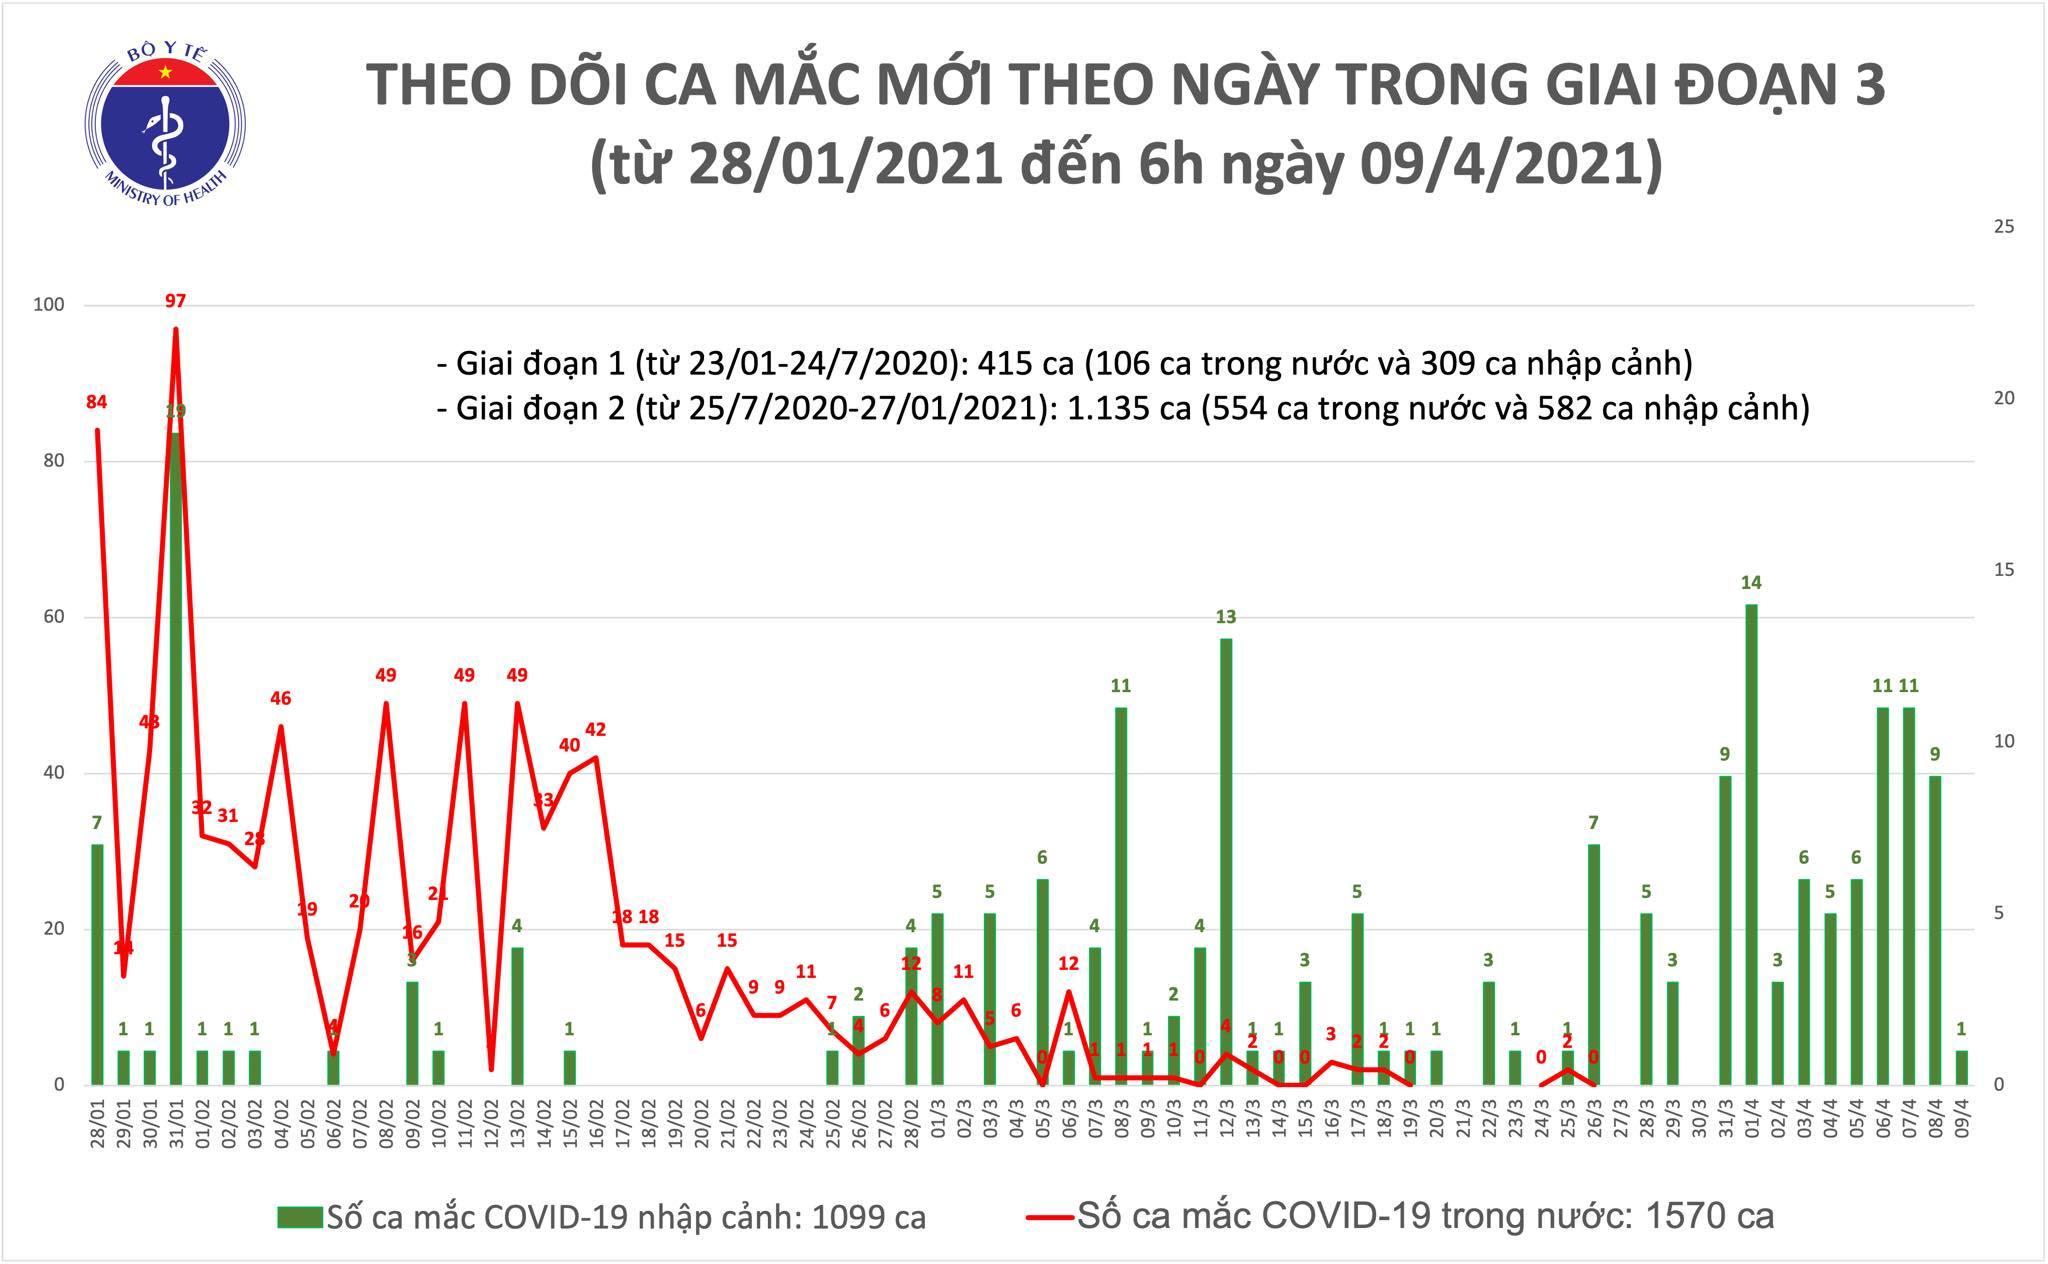 Việt Nam thêm 1 ca Covid-19 mới, hơn 50 nghìn người đã được tiêm vắc xin Covid-19